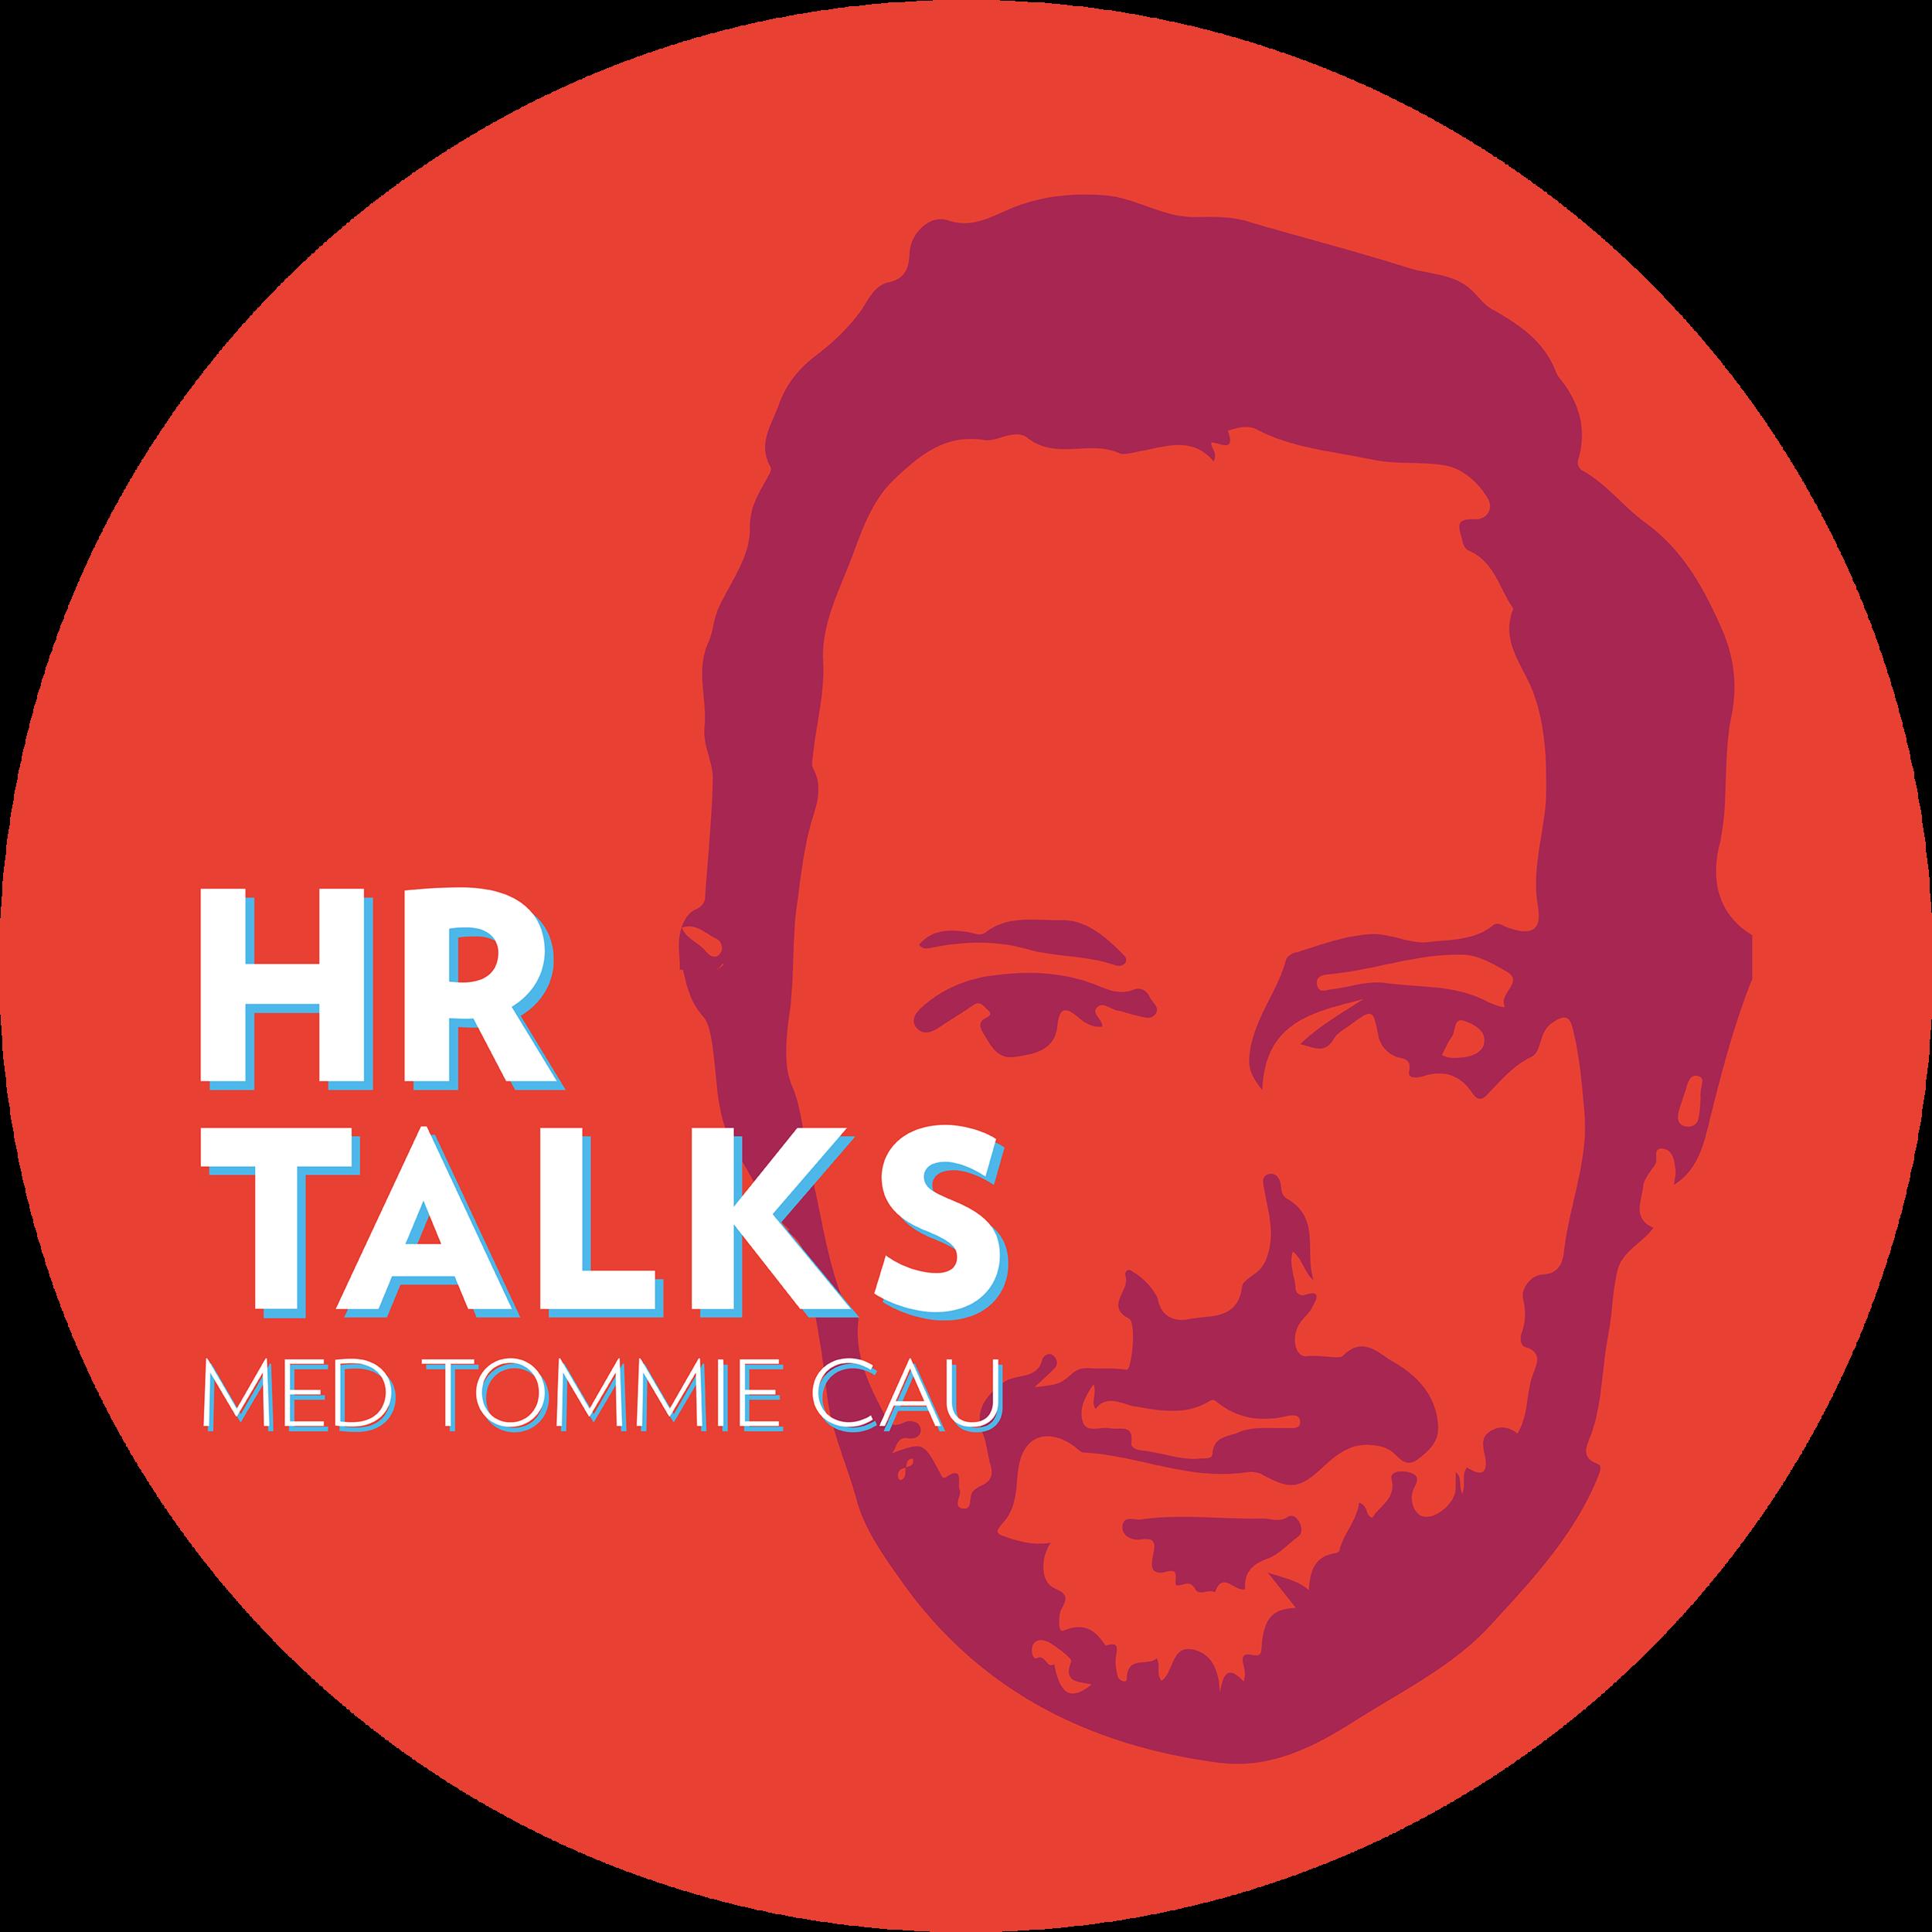 Om HR Talks Podden - Tillsammans med inbjudna HR-chefer, företagsledare och experter lyfter Tommie Cau HR-utmaningarna som bromsar transformation och tillväxt i Sveriges näringsliv.